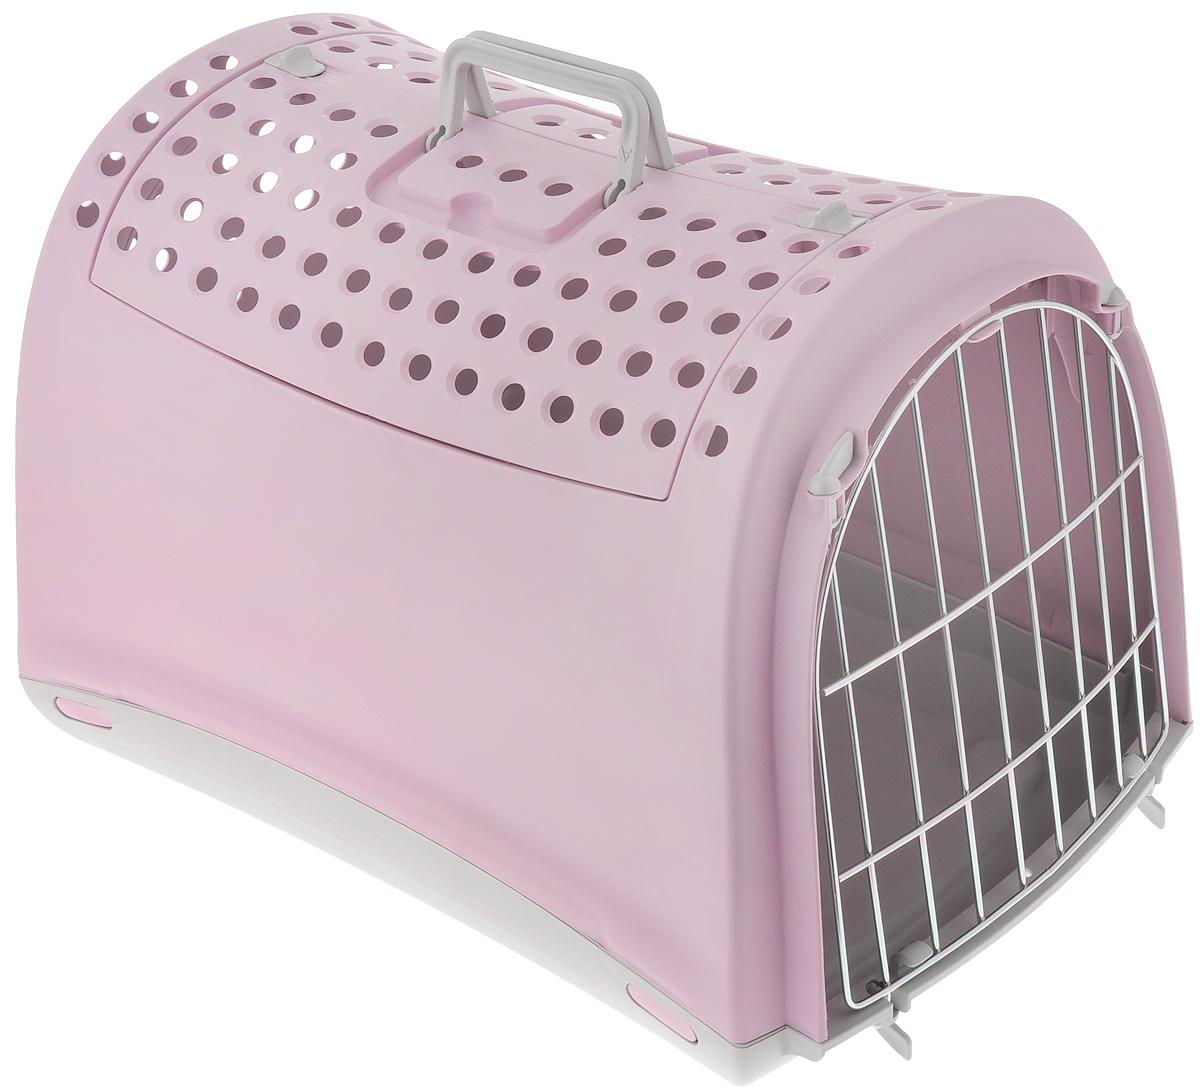 Переноска для животных IMAC Linus Cabrio, цвет: розовый, серый, 50 х 32 х 34,5 см80586Переноска для животных IMAC Linus Cabrio изготовлена из прочного пластика и предназначена для собак мелких пород и кошек, также подойдет для грызунов, например, кроликов. Уникальная особенность этой переноски - открывающаяся крыша в виде распахивающихся дверей с замками. Это делает переноску просто незаменимой для животных, которых порой очень сложно заставить залезть внутрь через обычную боковую дверцу. Чтобы питомец чувствовал себя спокойно и защищенно, боковые стенки не имеют отверстий, а на крыше есть перфорация. Сбоку имеется металлическая решетка, которую при необходимости можно снять. Прочные ручки обеспечивают удобную переноску. Рекомендуется для животных весом до 6 кг (гарантия производителя - 5 кг).